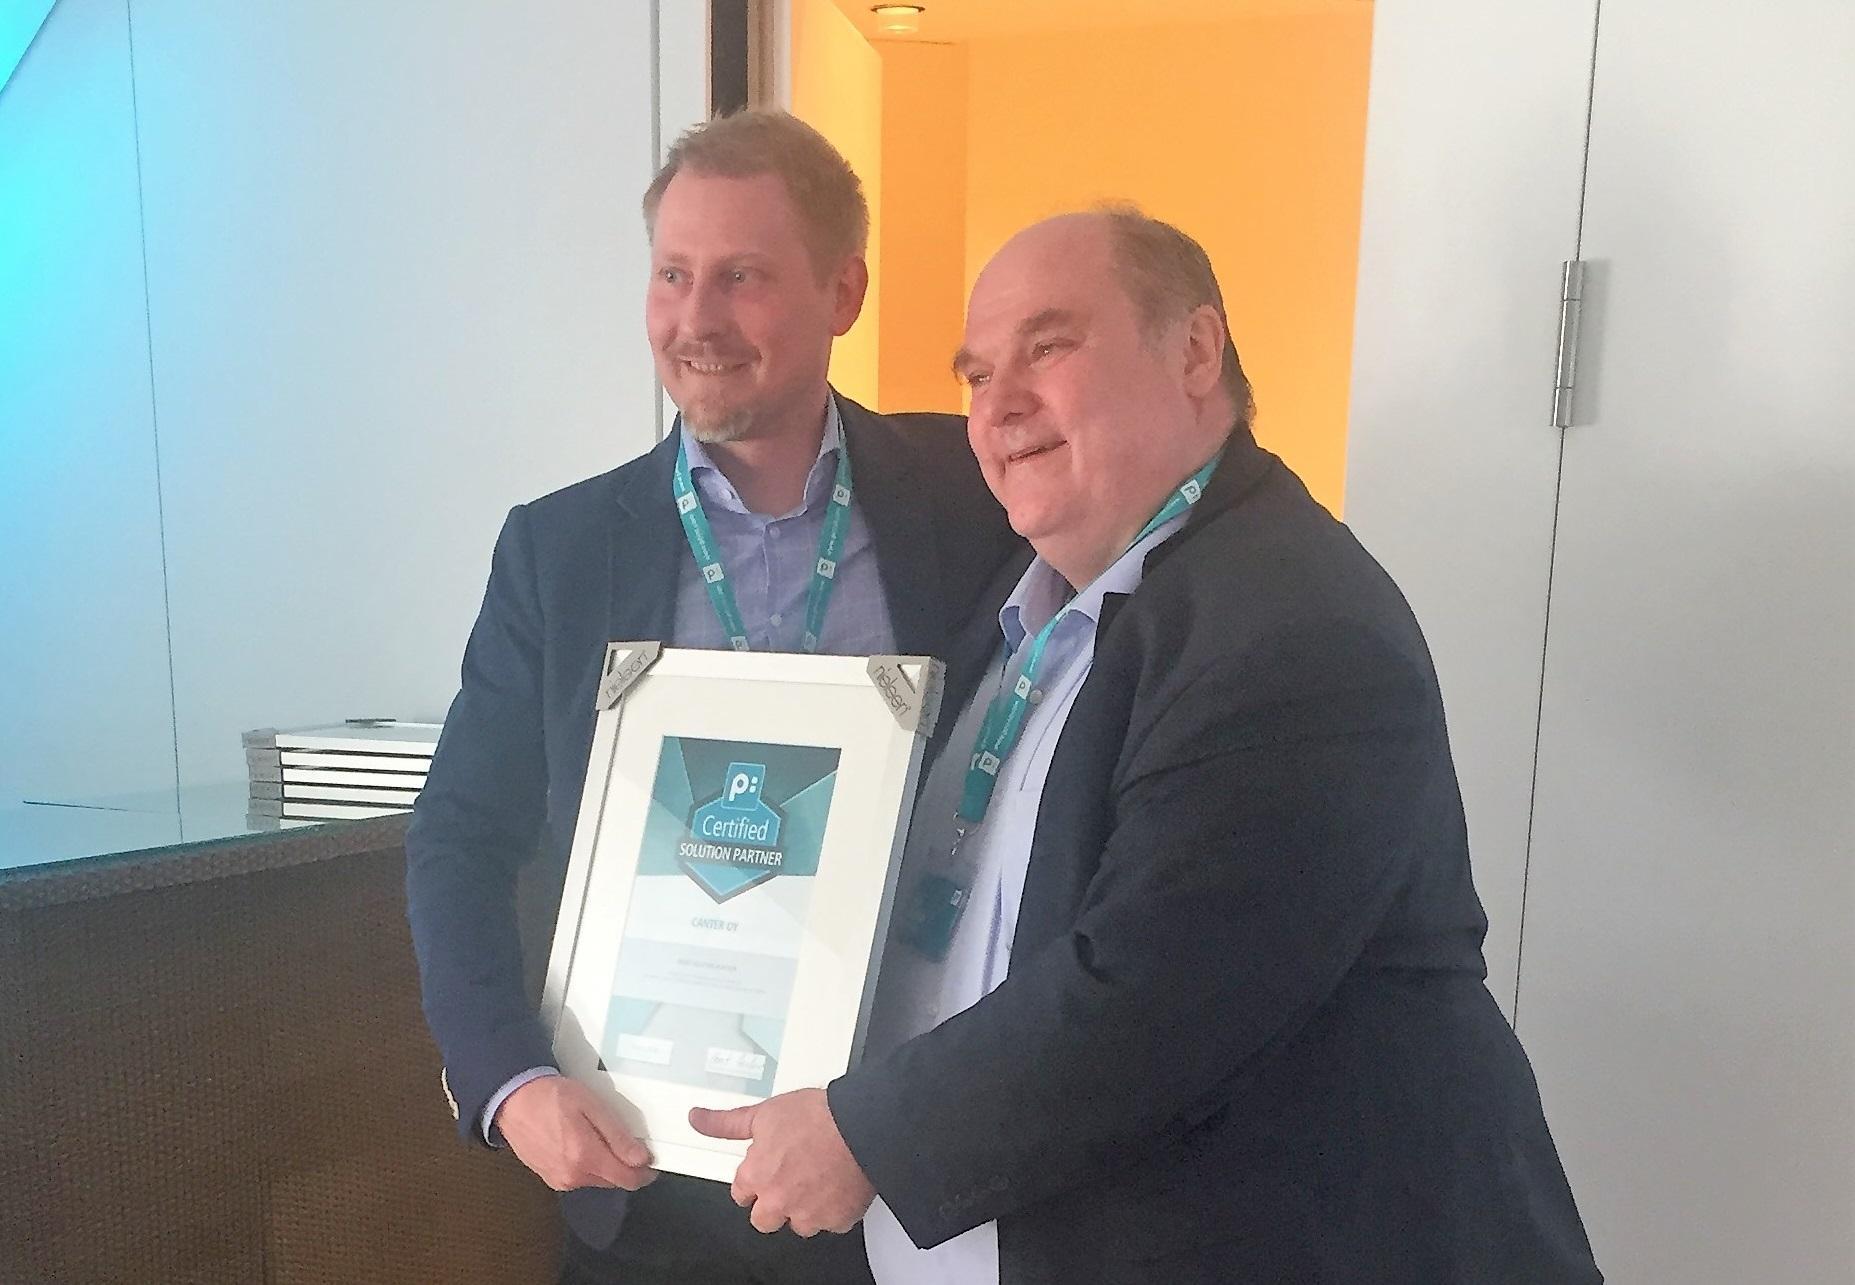 Janne Costiander Canterilta vastaanotti priint Groupin kumppanisertifikaatin toimitusjohtaja Horst Huberilta. Olemme priint Groupin ainoa sertifioitu partneri Suomessa. Yhteistyötä on takana jo kuusi menestyksellistä vuotta.